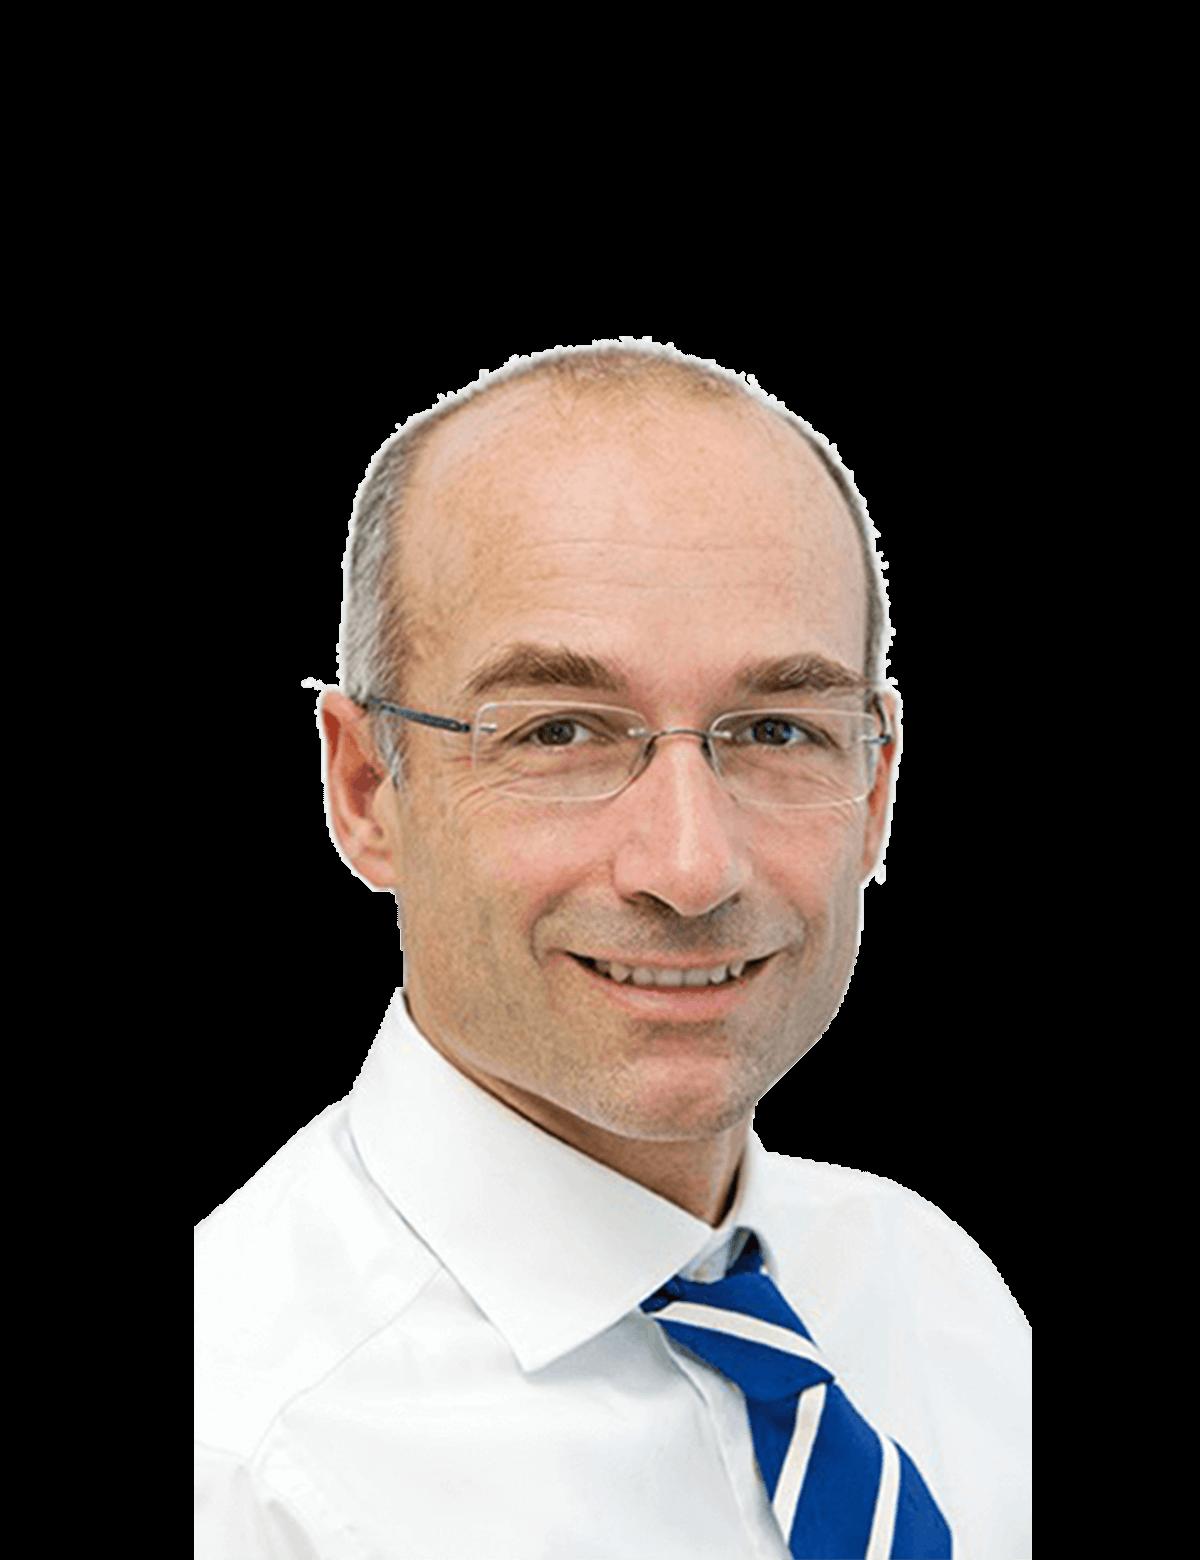 Dr. Hans-Jörg Trnka